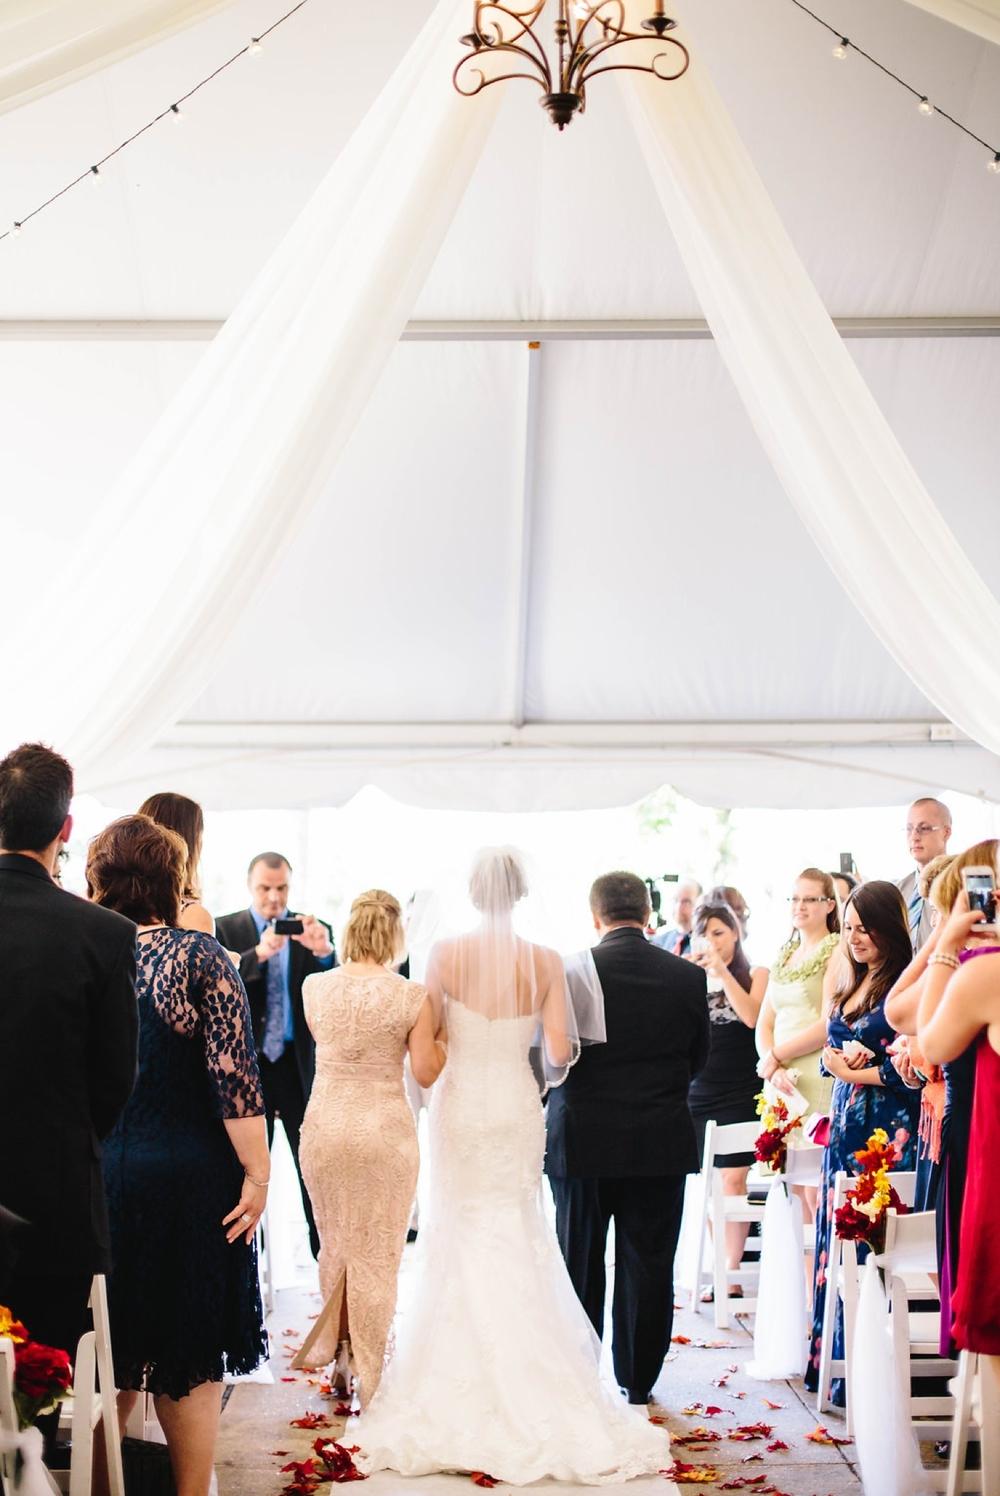 chicago-fine-art-wedding-photography-nellessen11